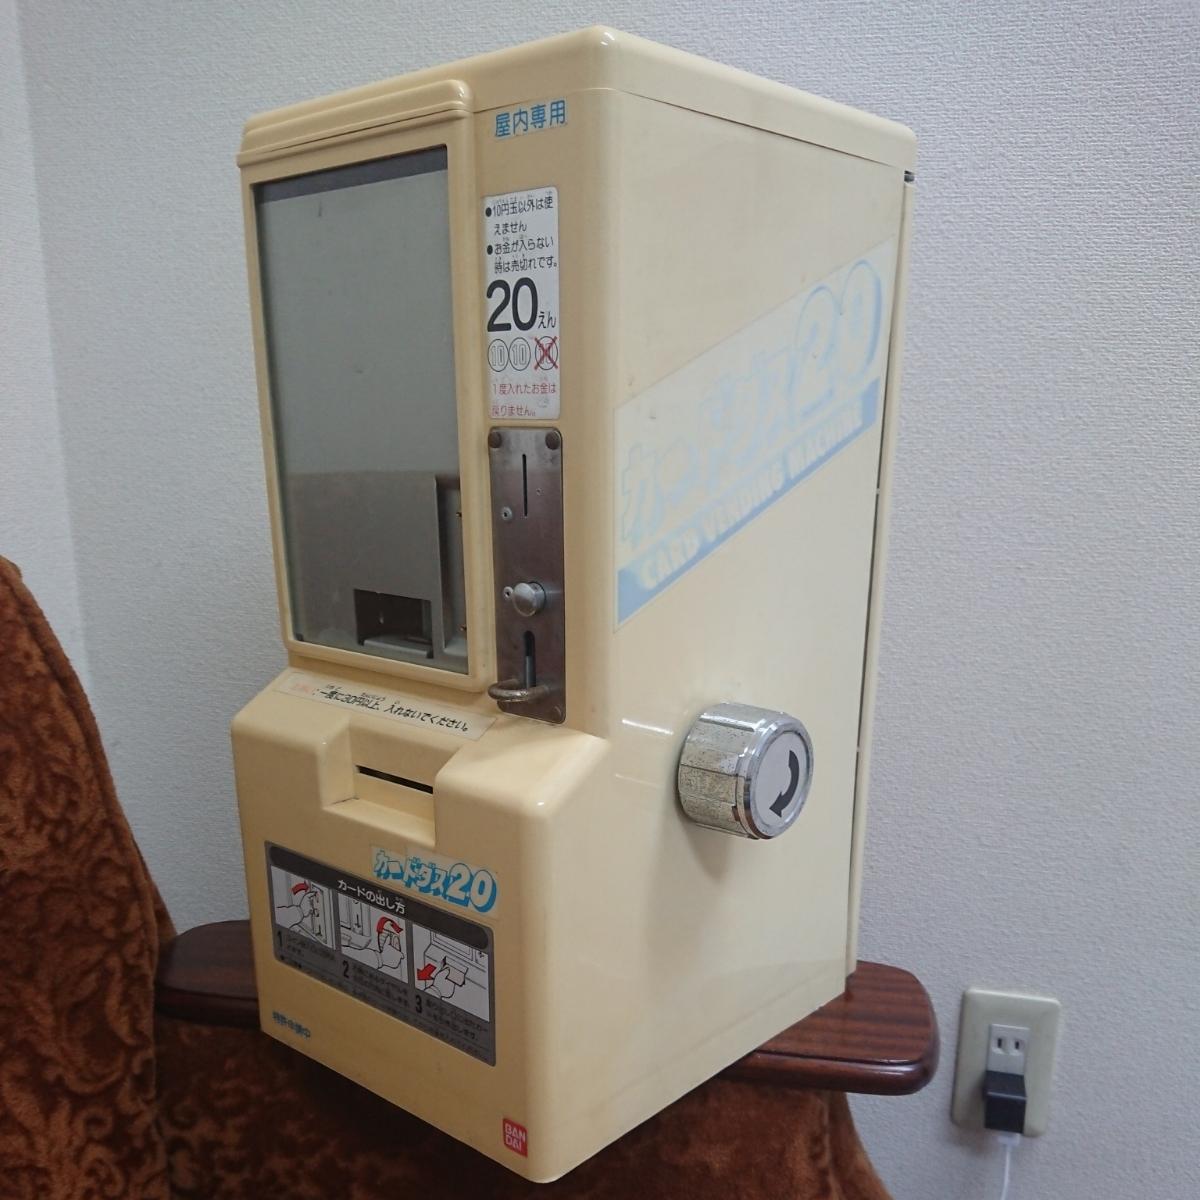 ■1円~ ラスト1 バンダイ カードダス20 1988年製 本体 可動品 台紙なし 鍵はマスターをお付けします 発送はゆうパック120_画像2